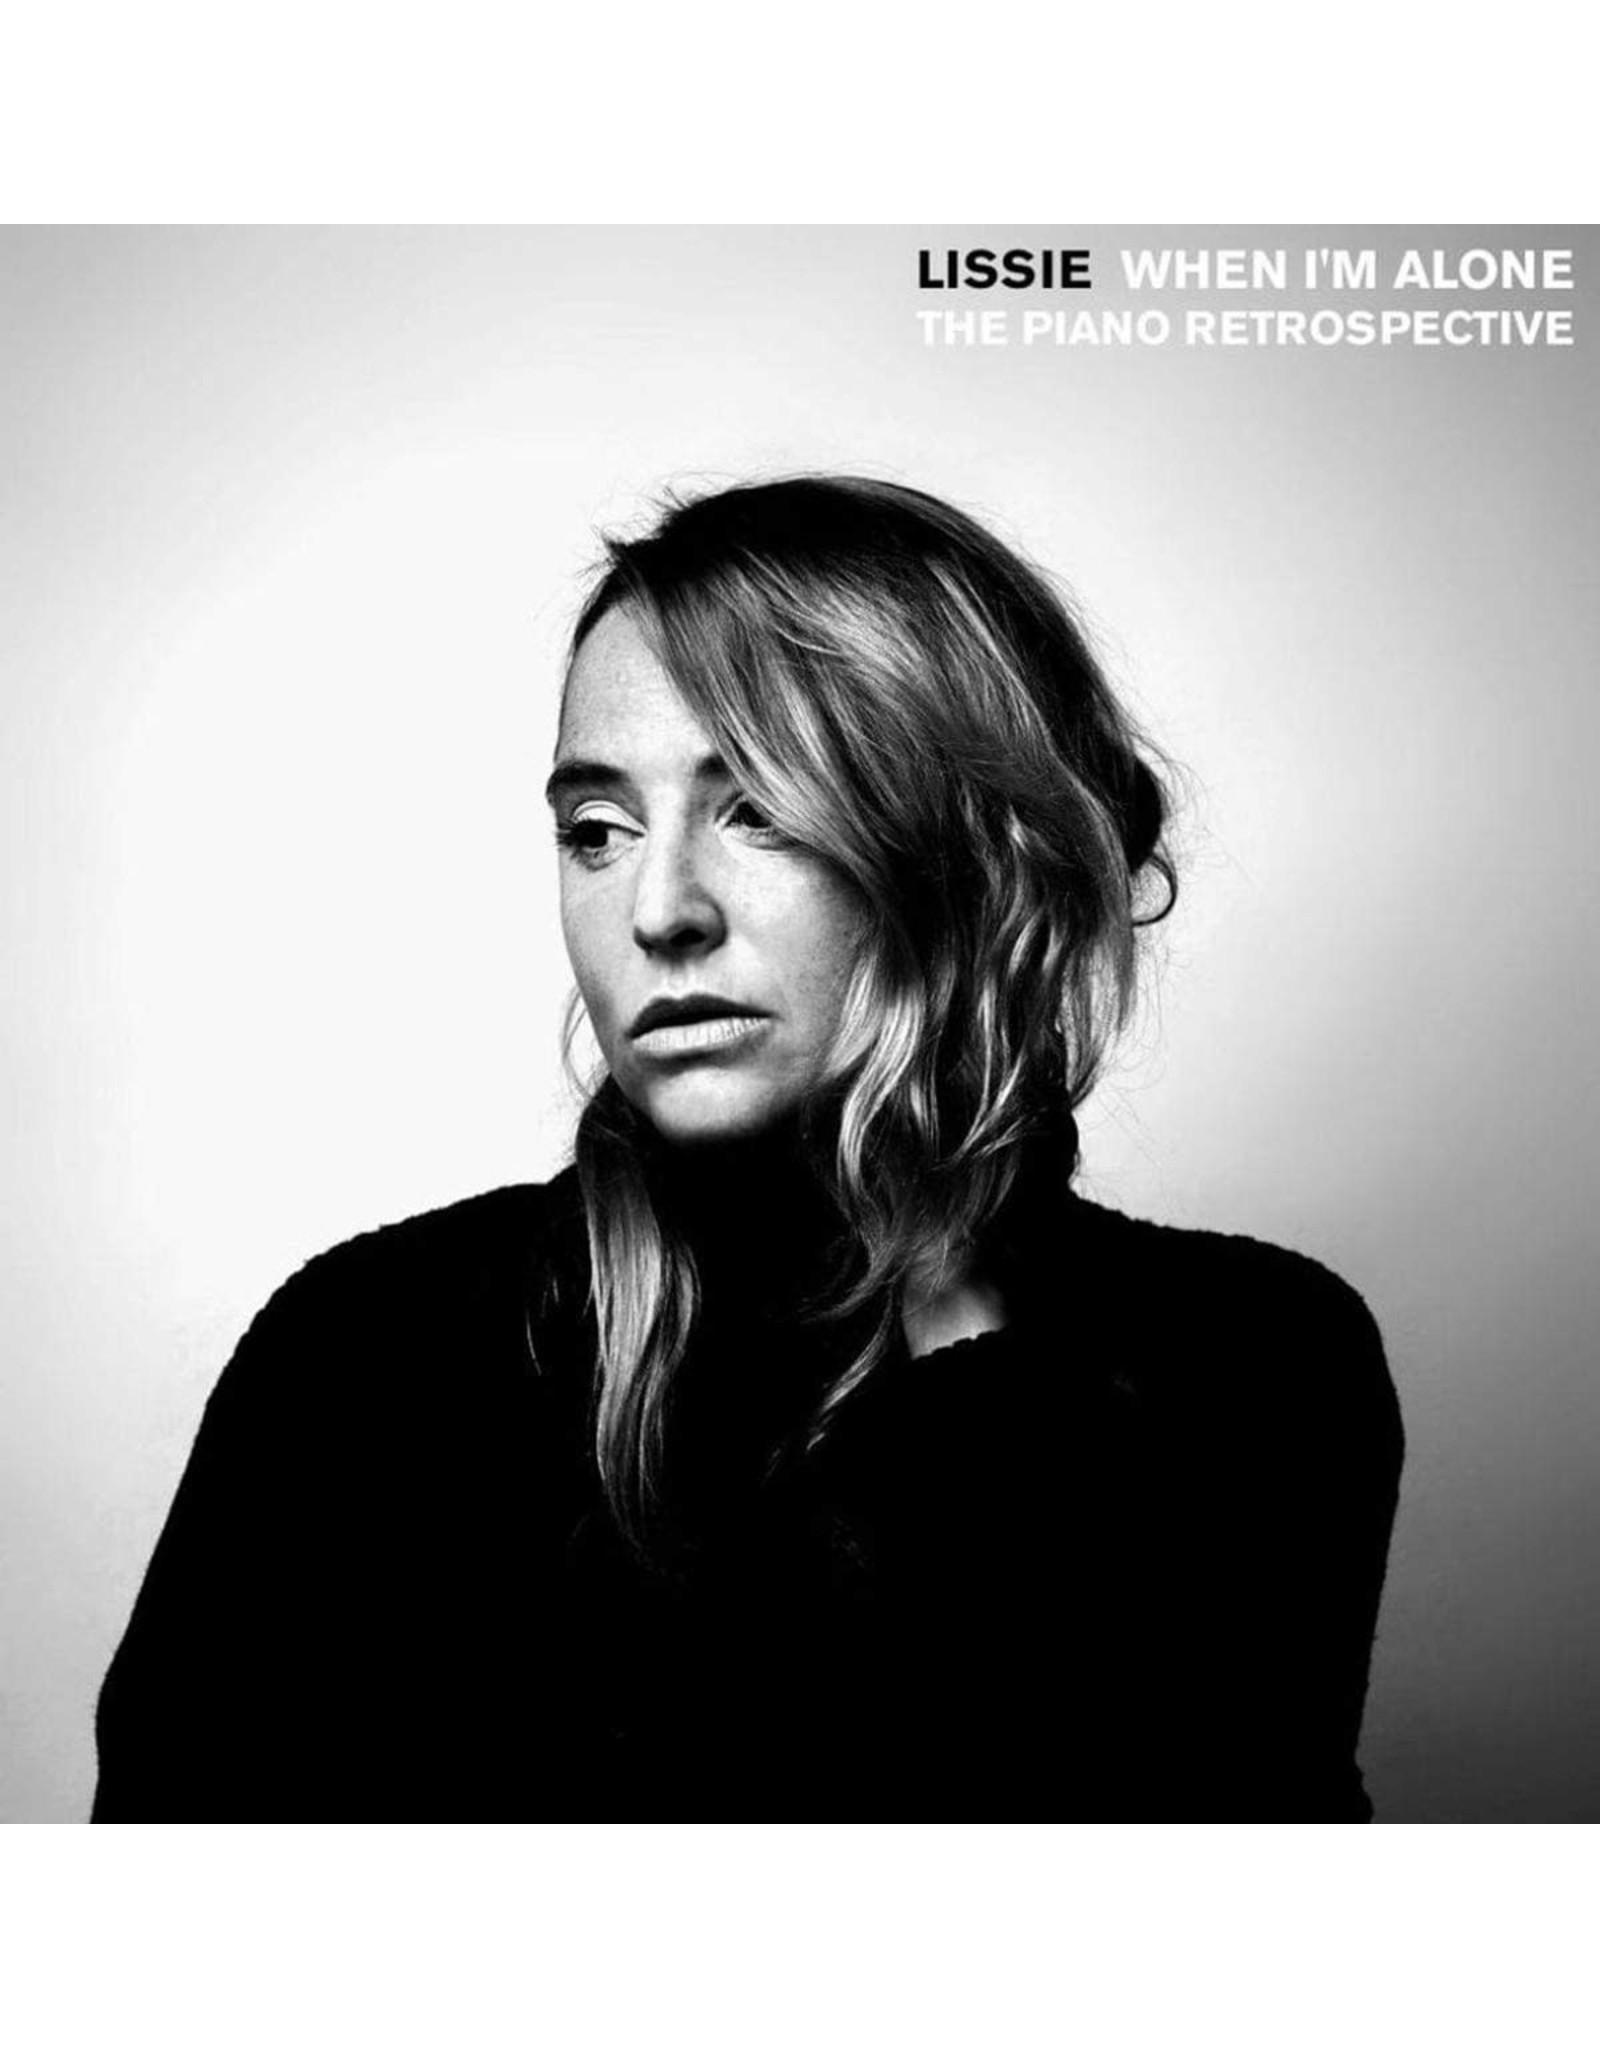 Lissie - When I'm Alone: The Piano Retrospective LP